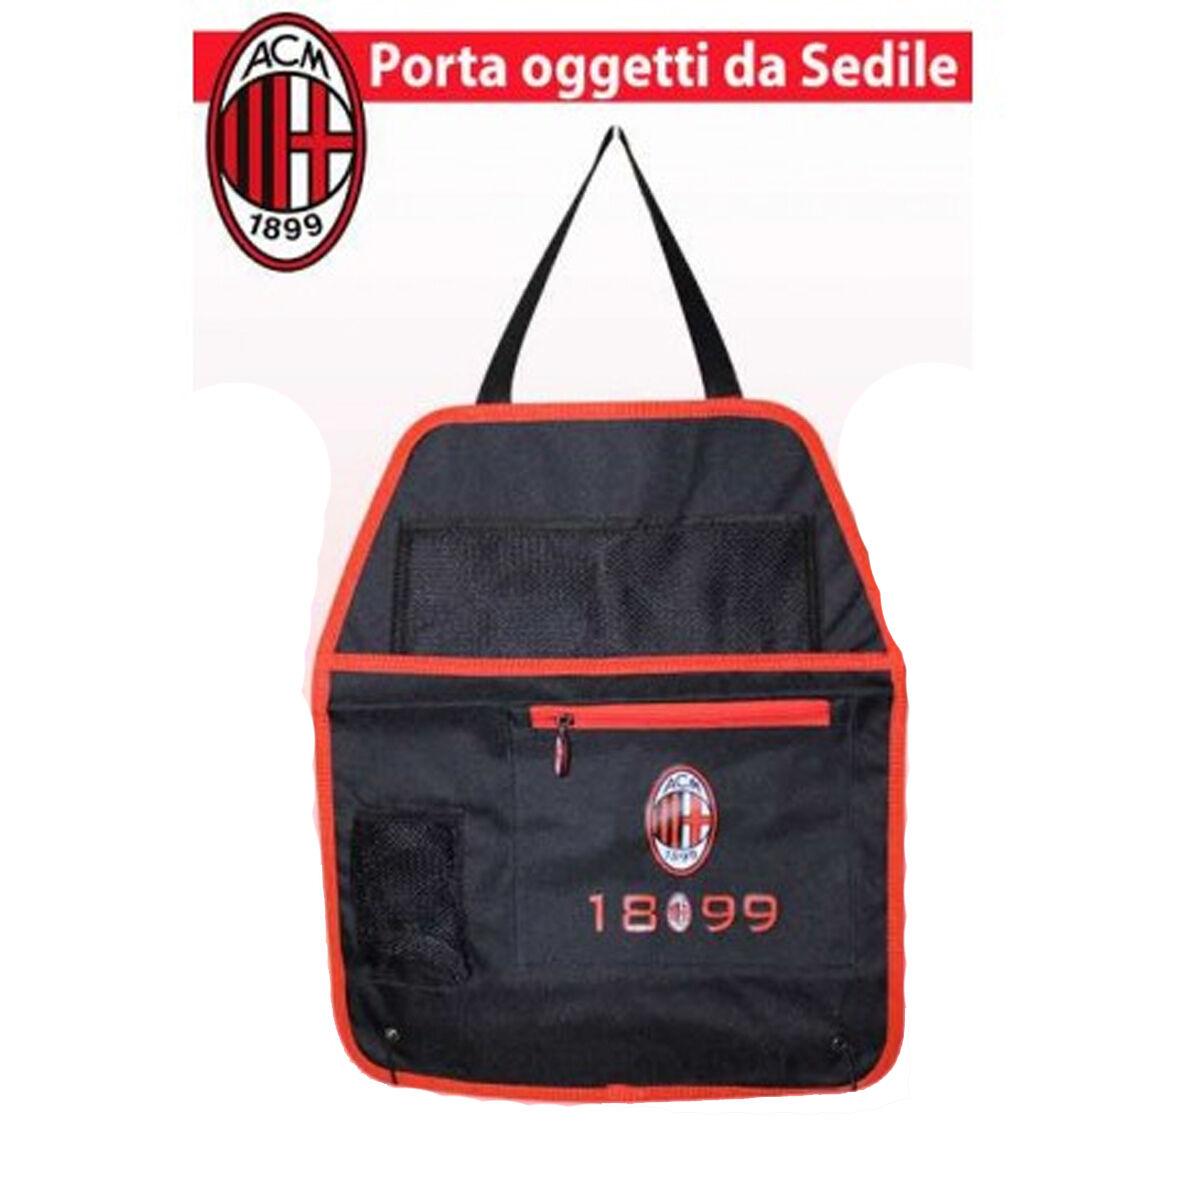 MILAN portaoggetti da sedile in tela nero e rosso 3 tasche prodotto ufficiale